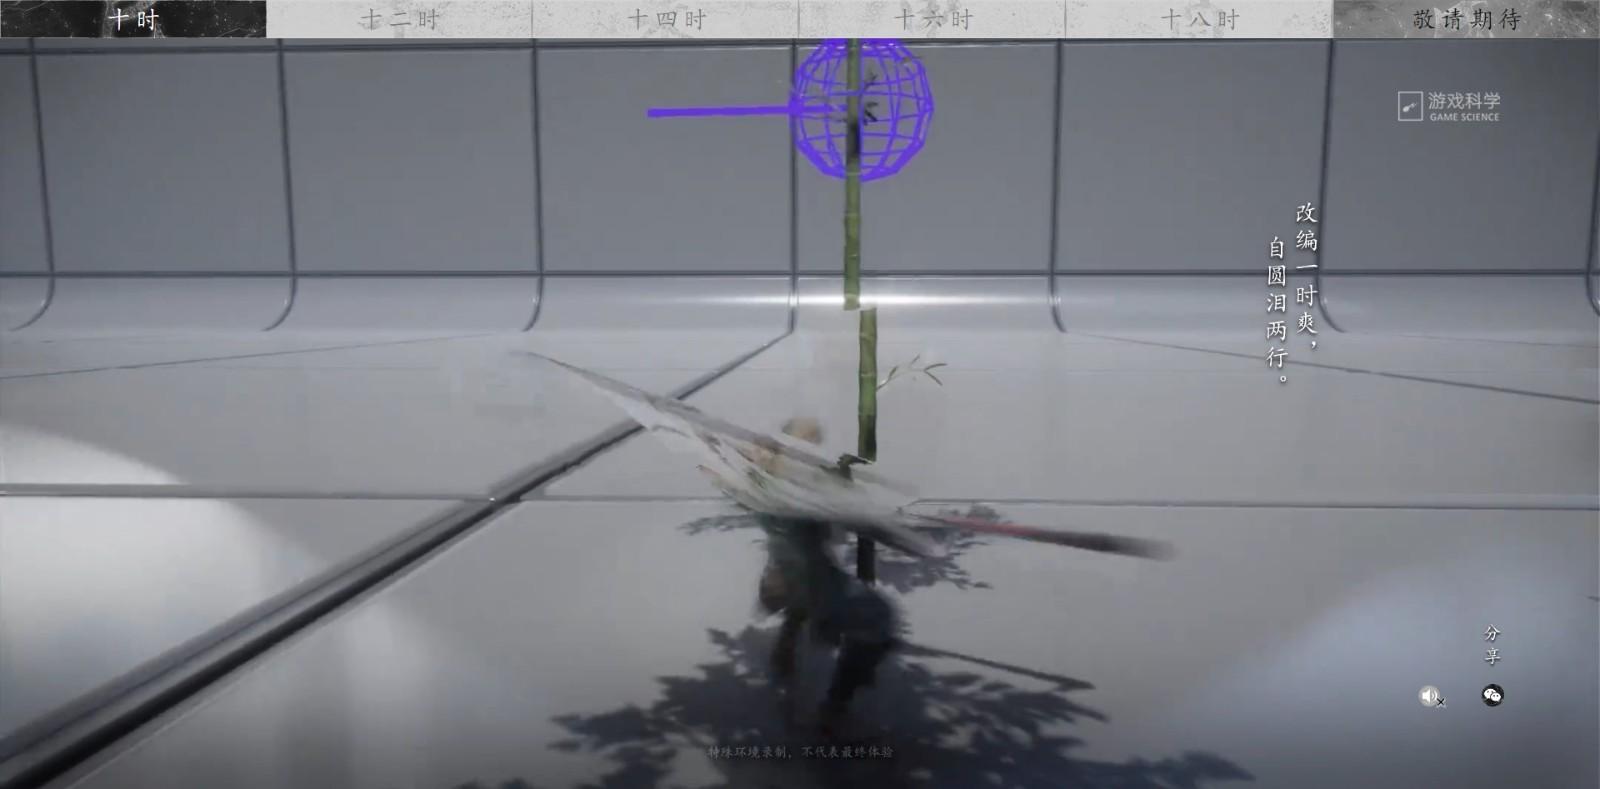 《黑神话:悟空》全新视频发布 明天将公布新内容